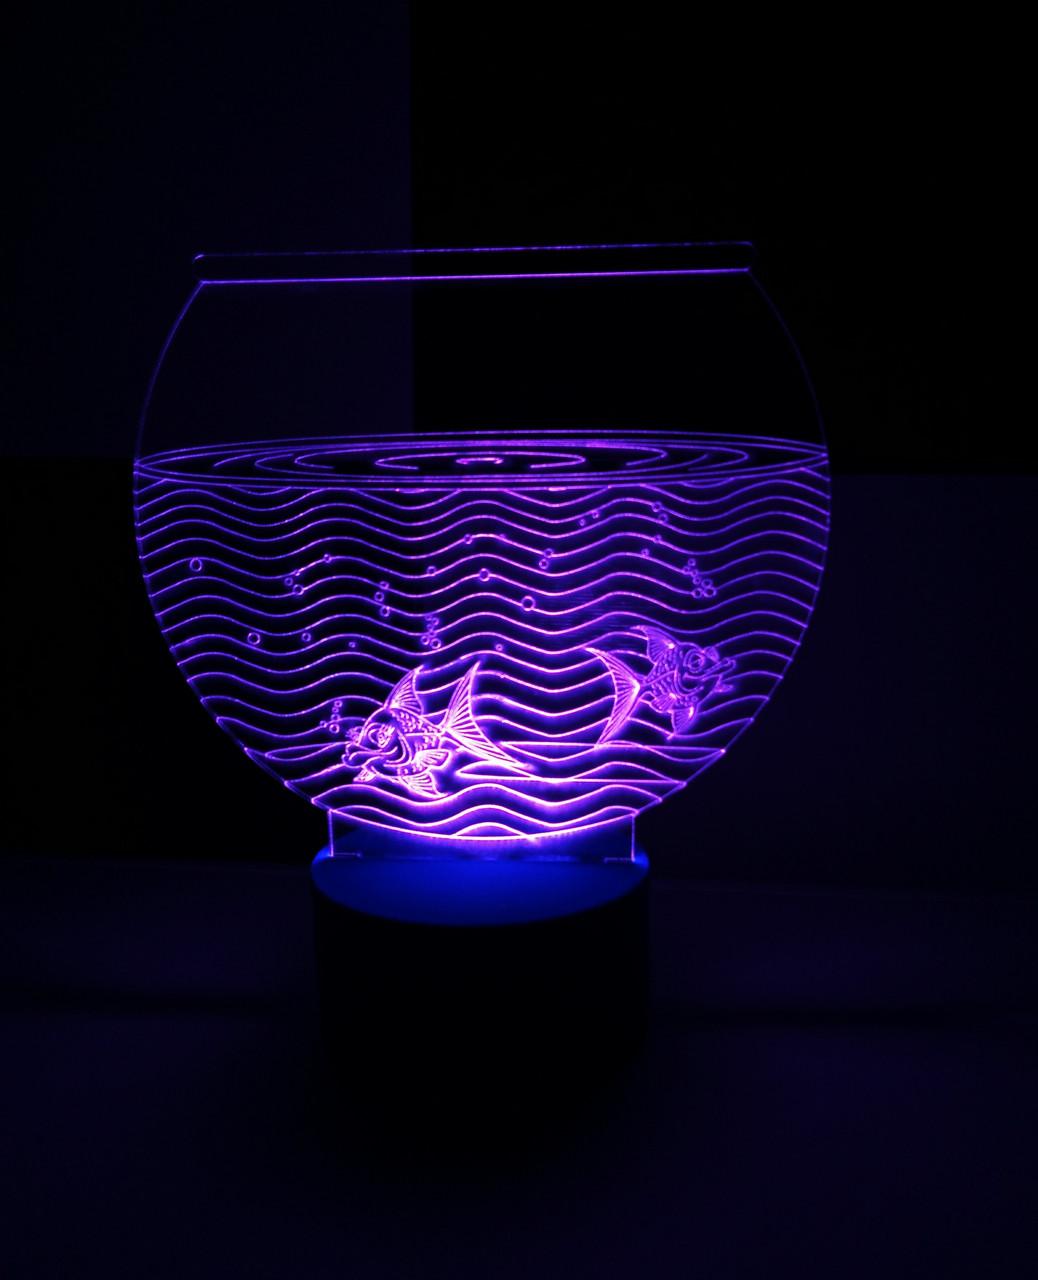 3d-светильник Аквариум с рыбками, 3д-ночник, несколько подсветок (на батарейке), подарок аквариумисту